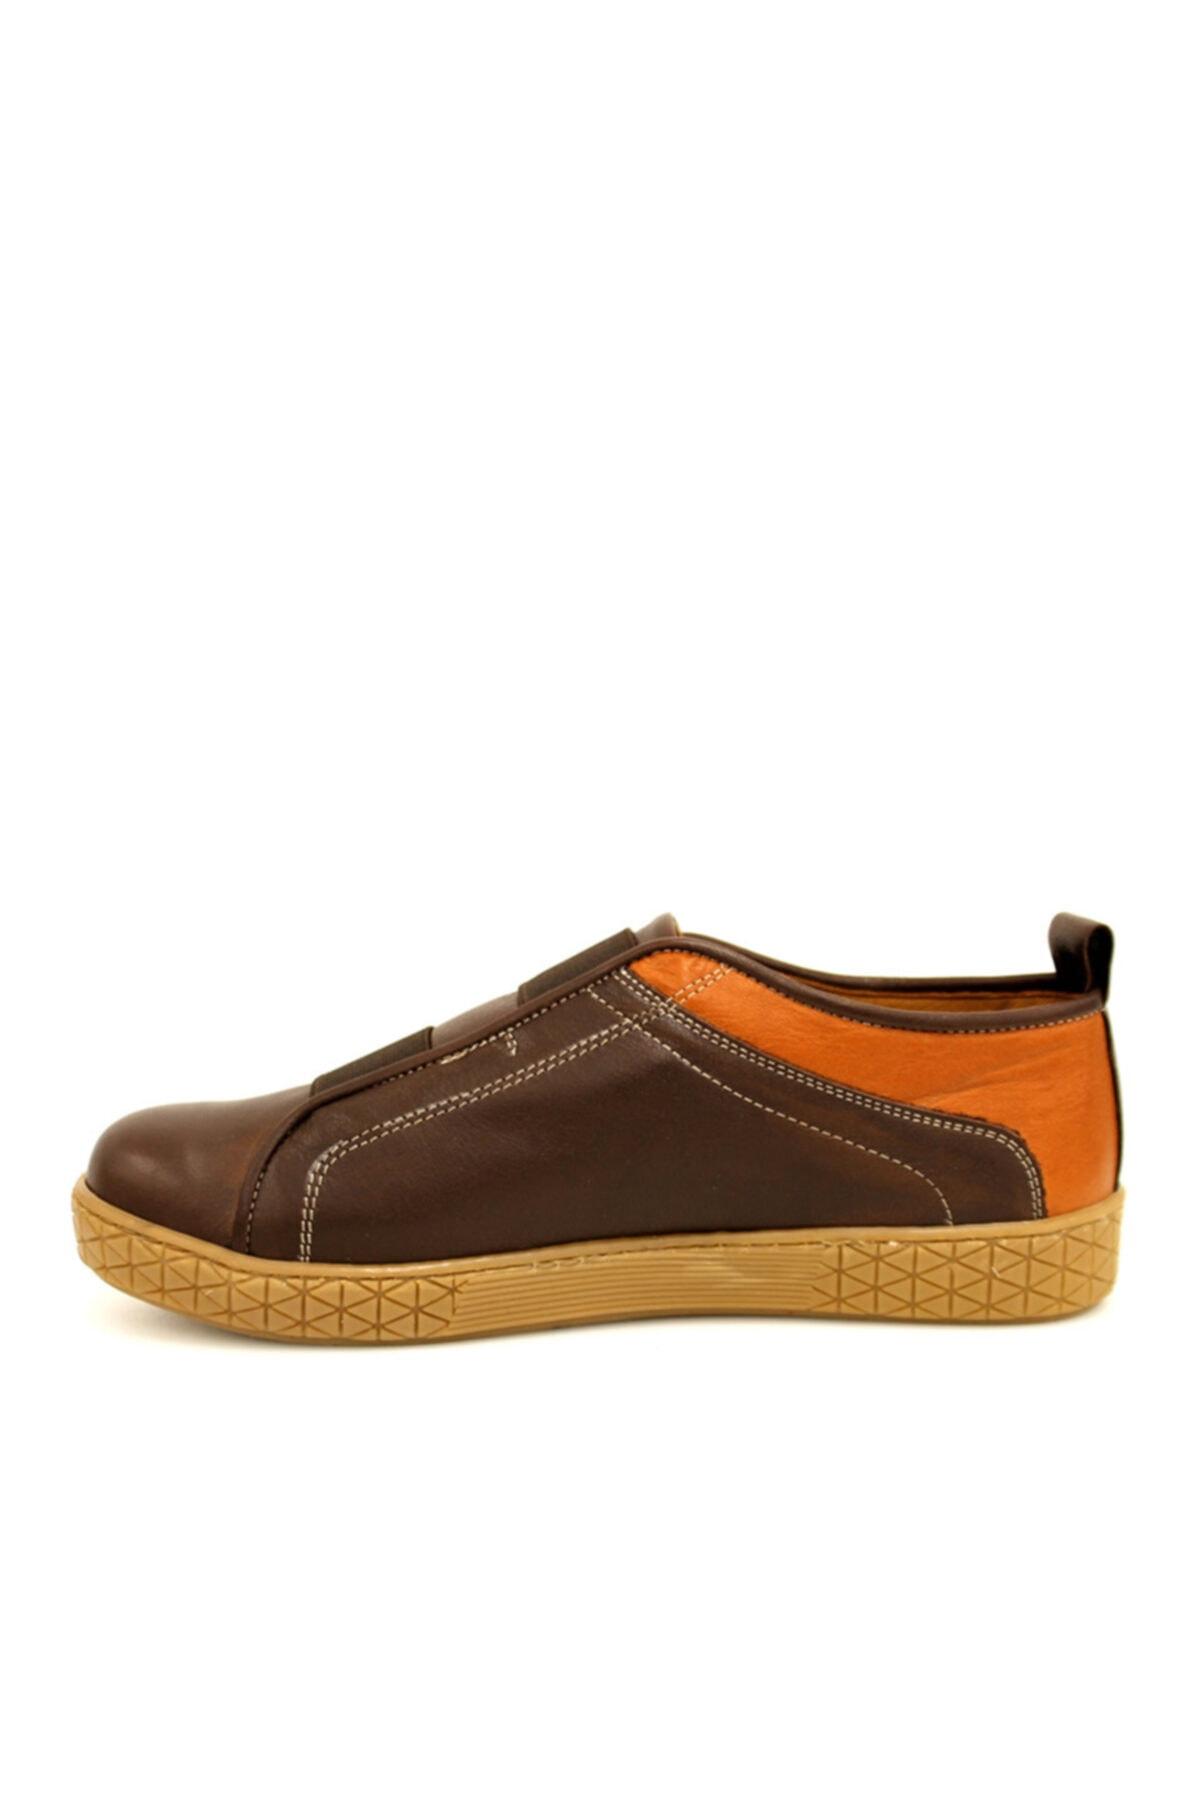 Beta Shoes Kadın Hakiki Deri Casual Ayakkabı Kahve 2